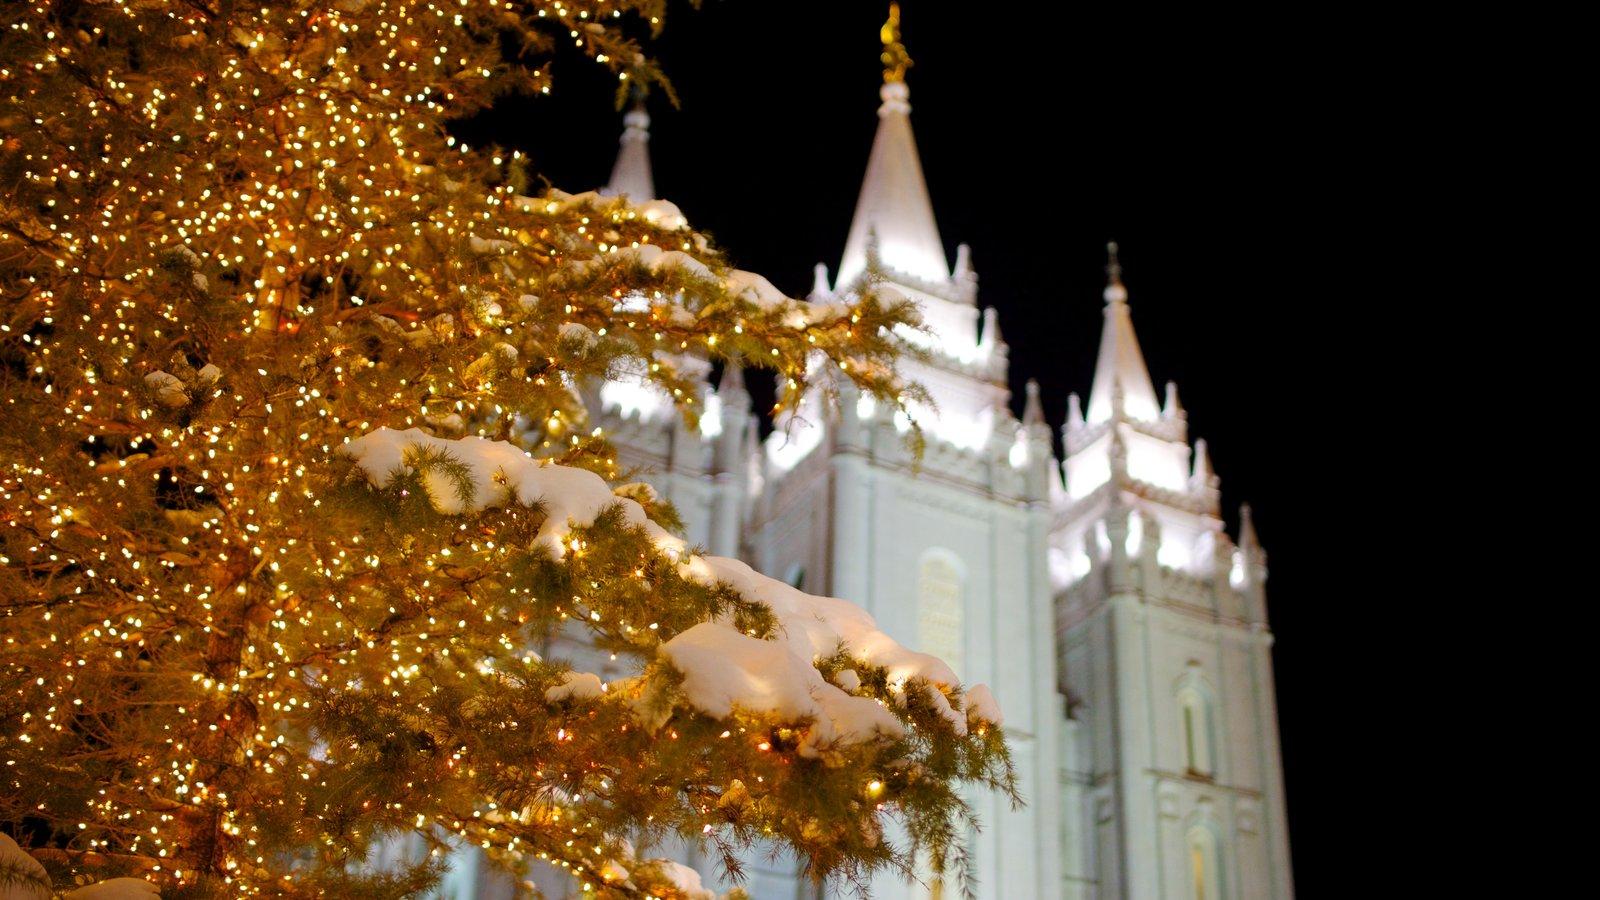 Salt Lake City que incluye una ciudad y patrimonio de arquitectura